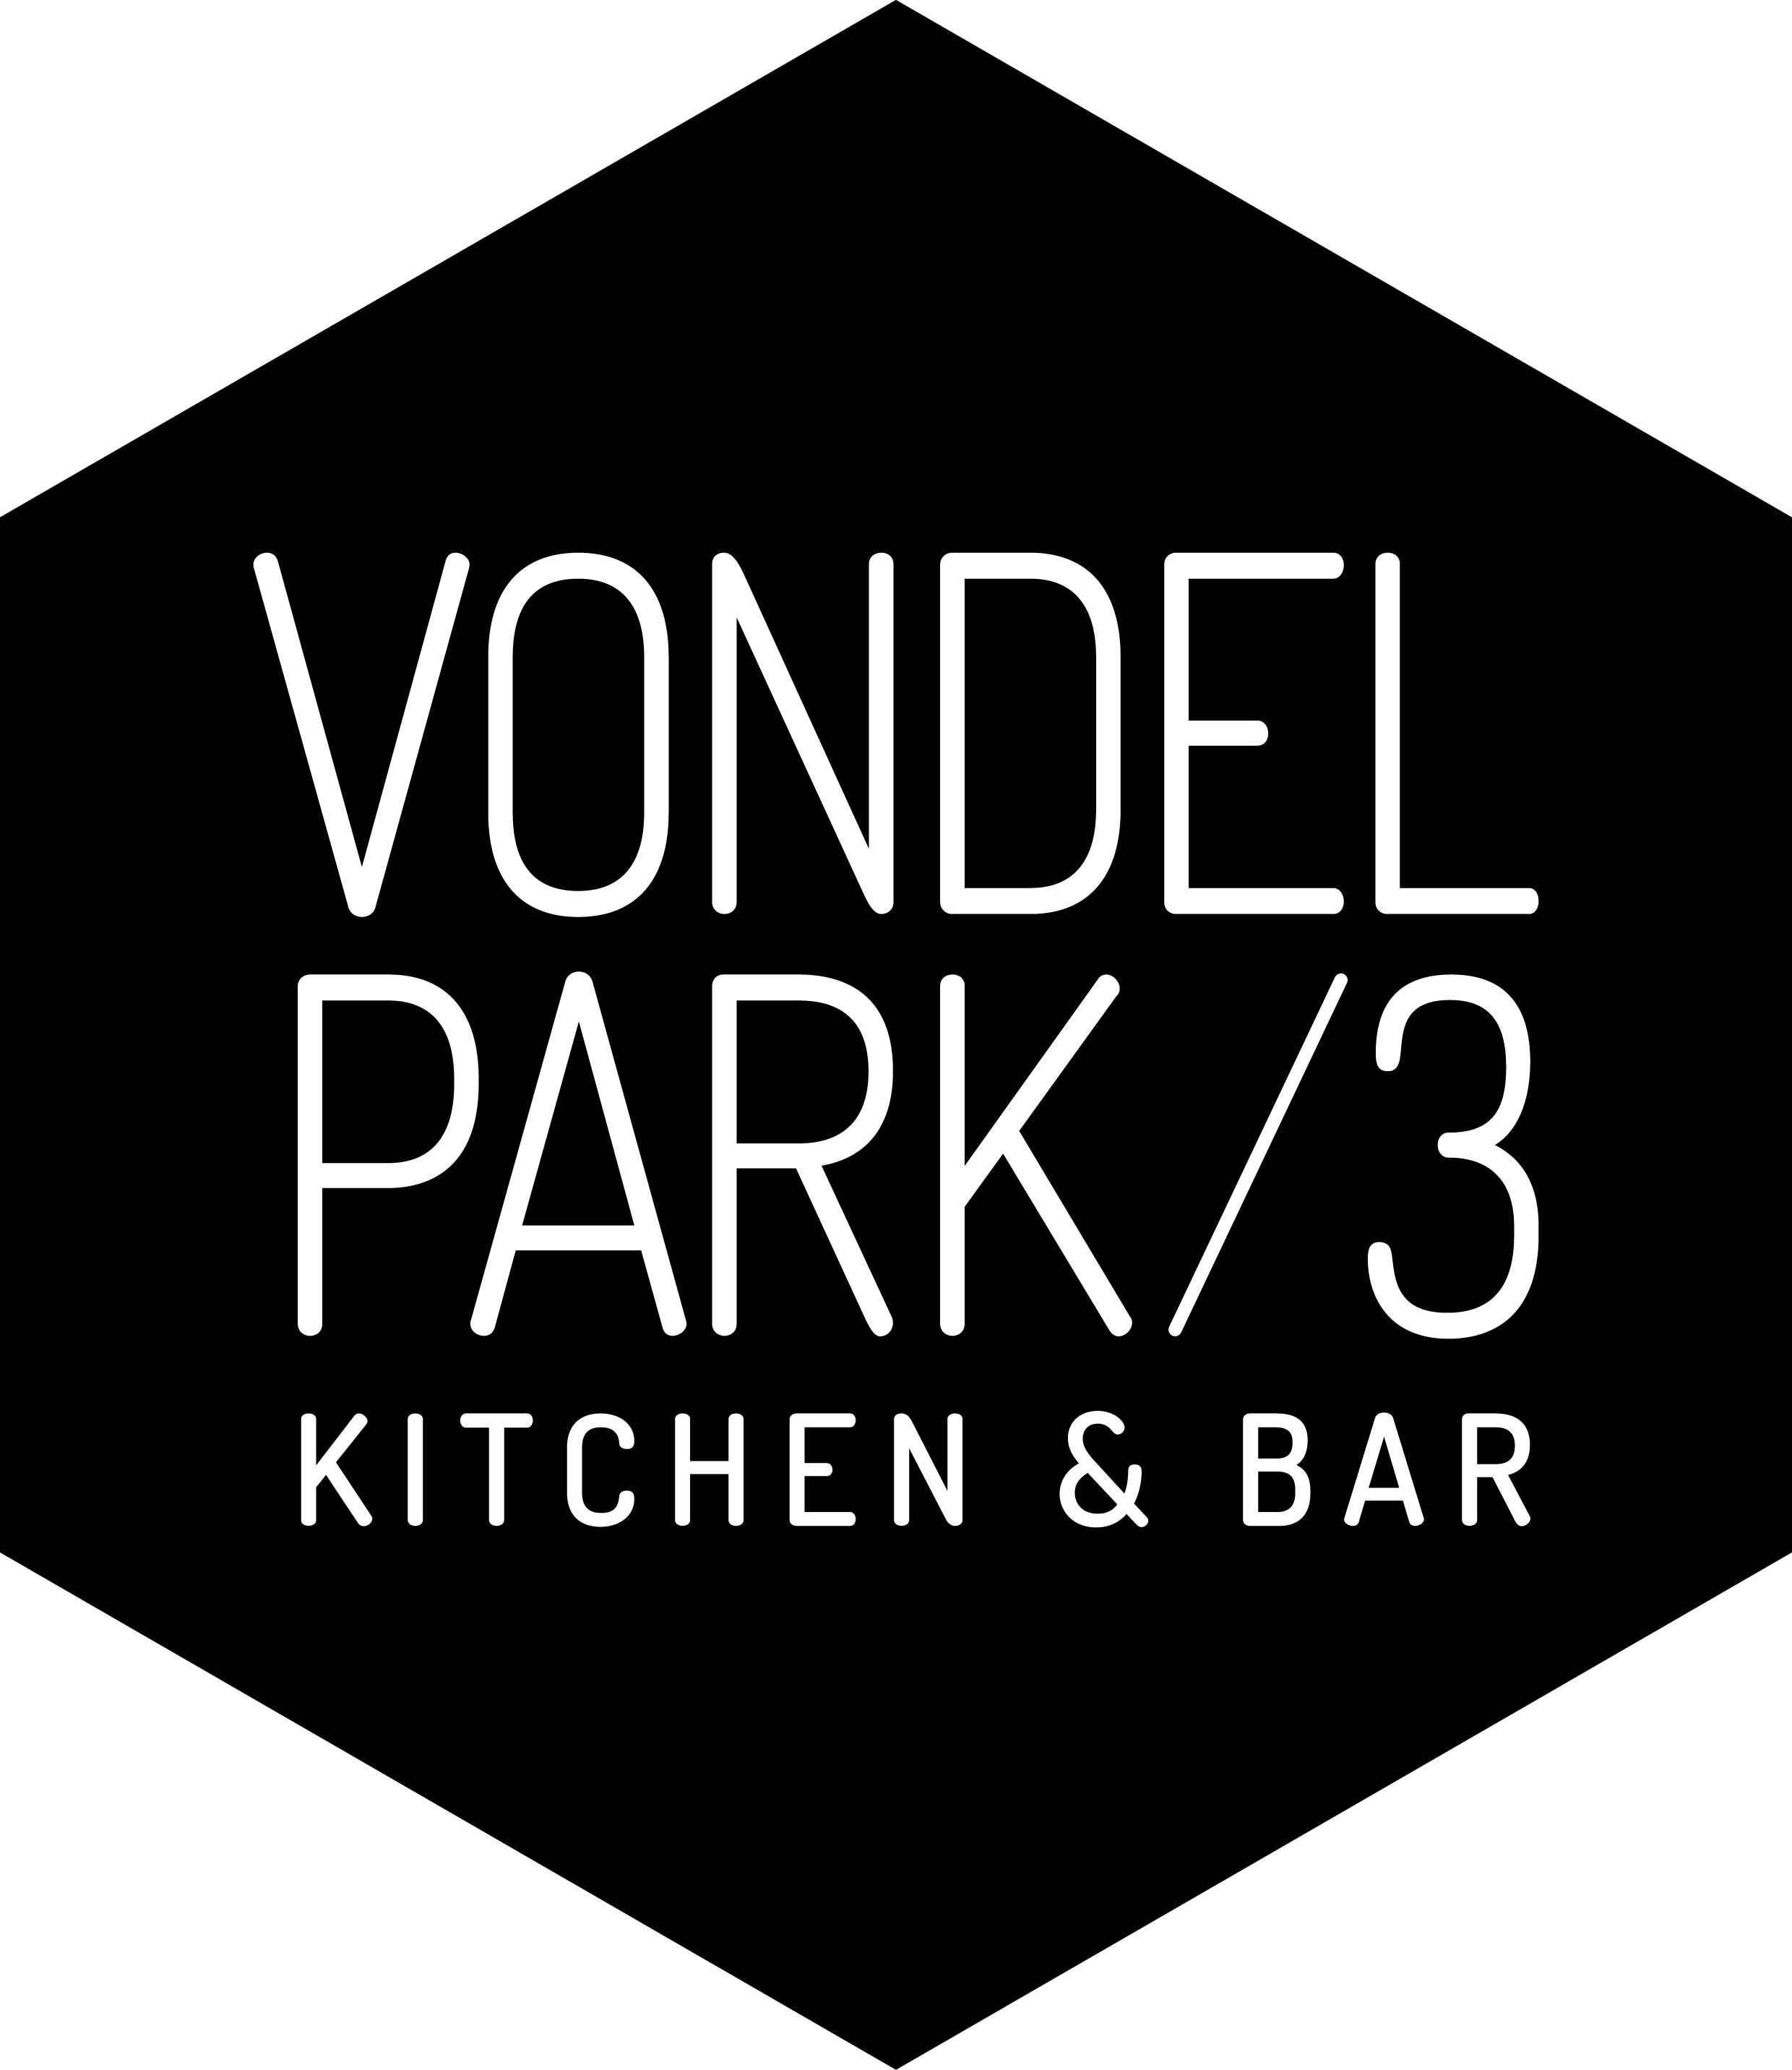 Vondelpark3 - Naast de prachtige locatie en de multimediale mogelijkheden spreekt ook de jarenlange ervaring op het gebied van evenementen voor Vondelpark3.